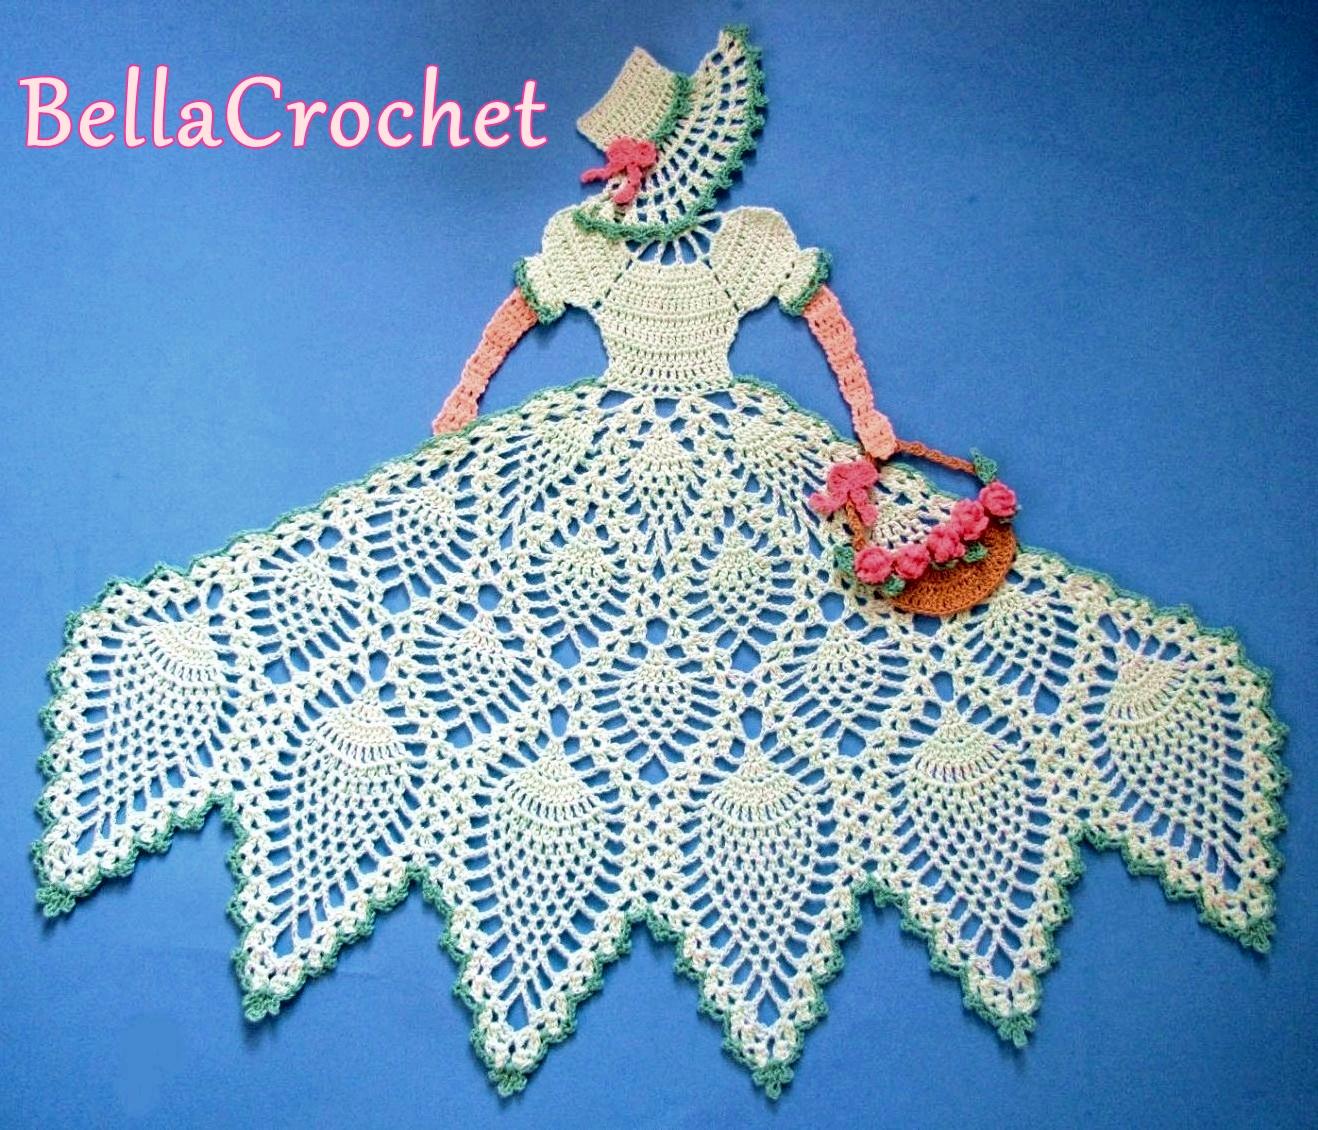 Crochet Patterns Free Bellacrochet Sweet Southern Belle A Free Crochet Pattern For You